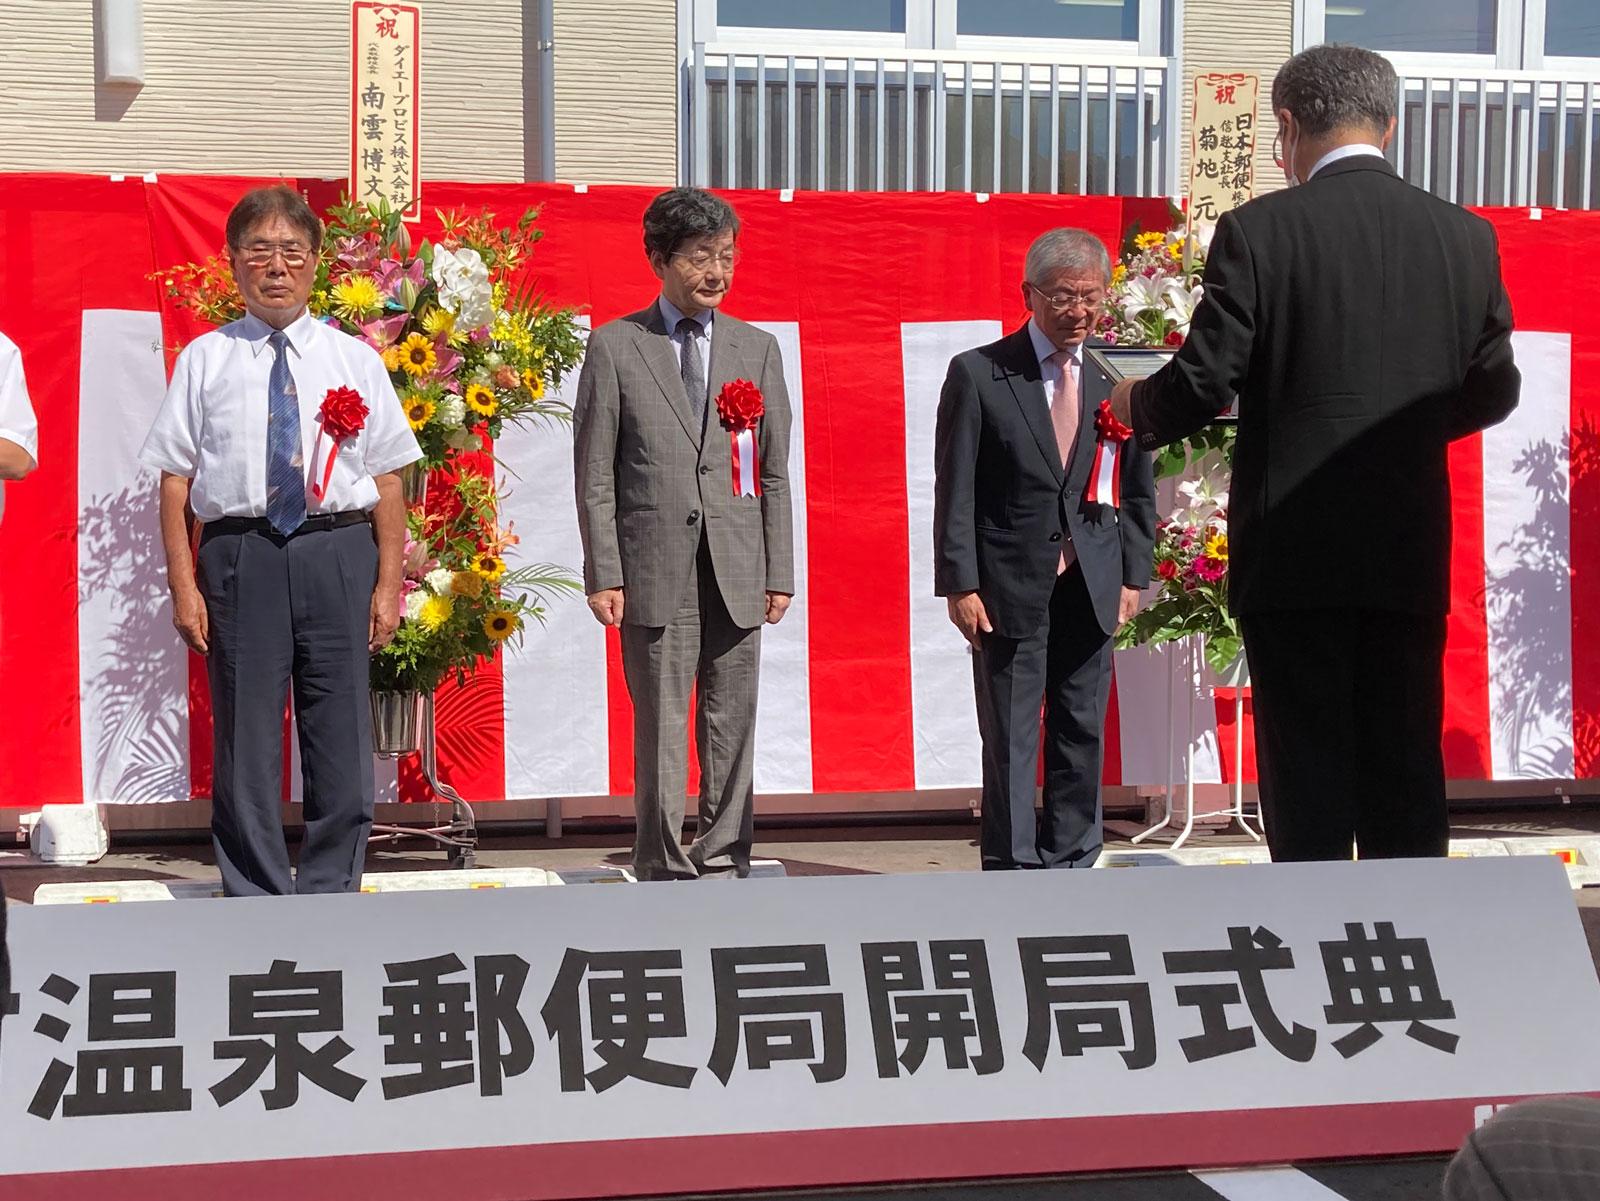 六日町温泉郵便局開局式ダイエープロビス会長南雲